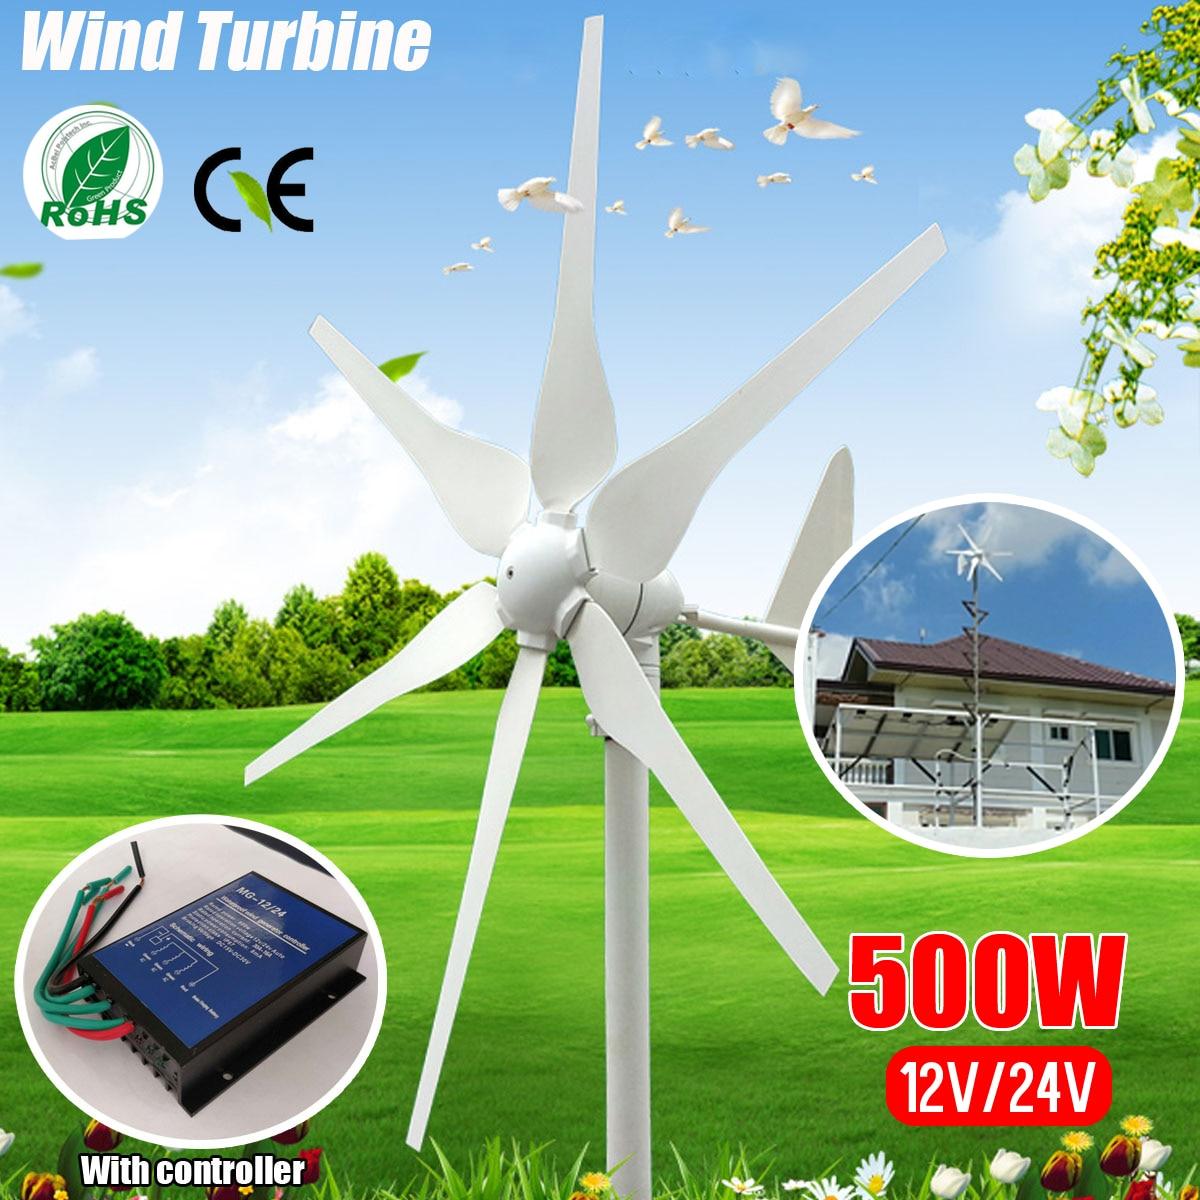 2018 DC 12 v/24 v 500 w 6 Lames Miniature Vent Turbines Résidentiel Maison Éoliennes Générateur Avec contrôleur pour un Usage Domestique